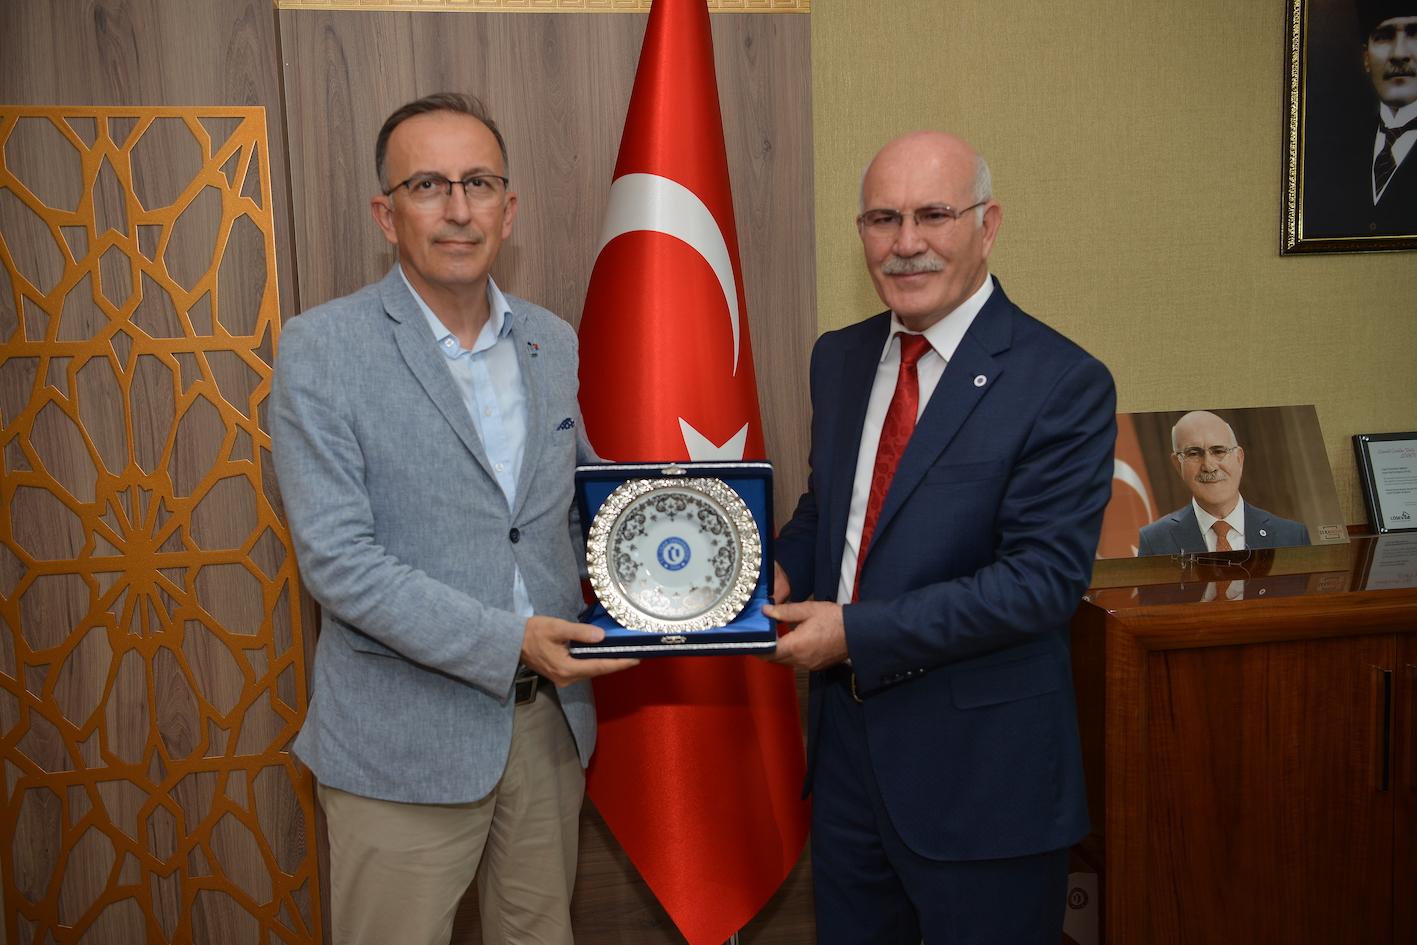 MHGF ve Uşak Üniversitesi arasında Üniversite-Sanayi İşbirliği